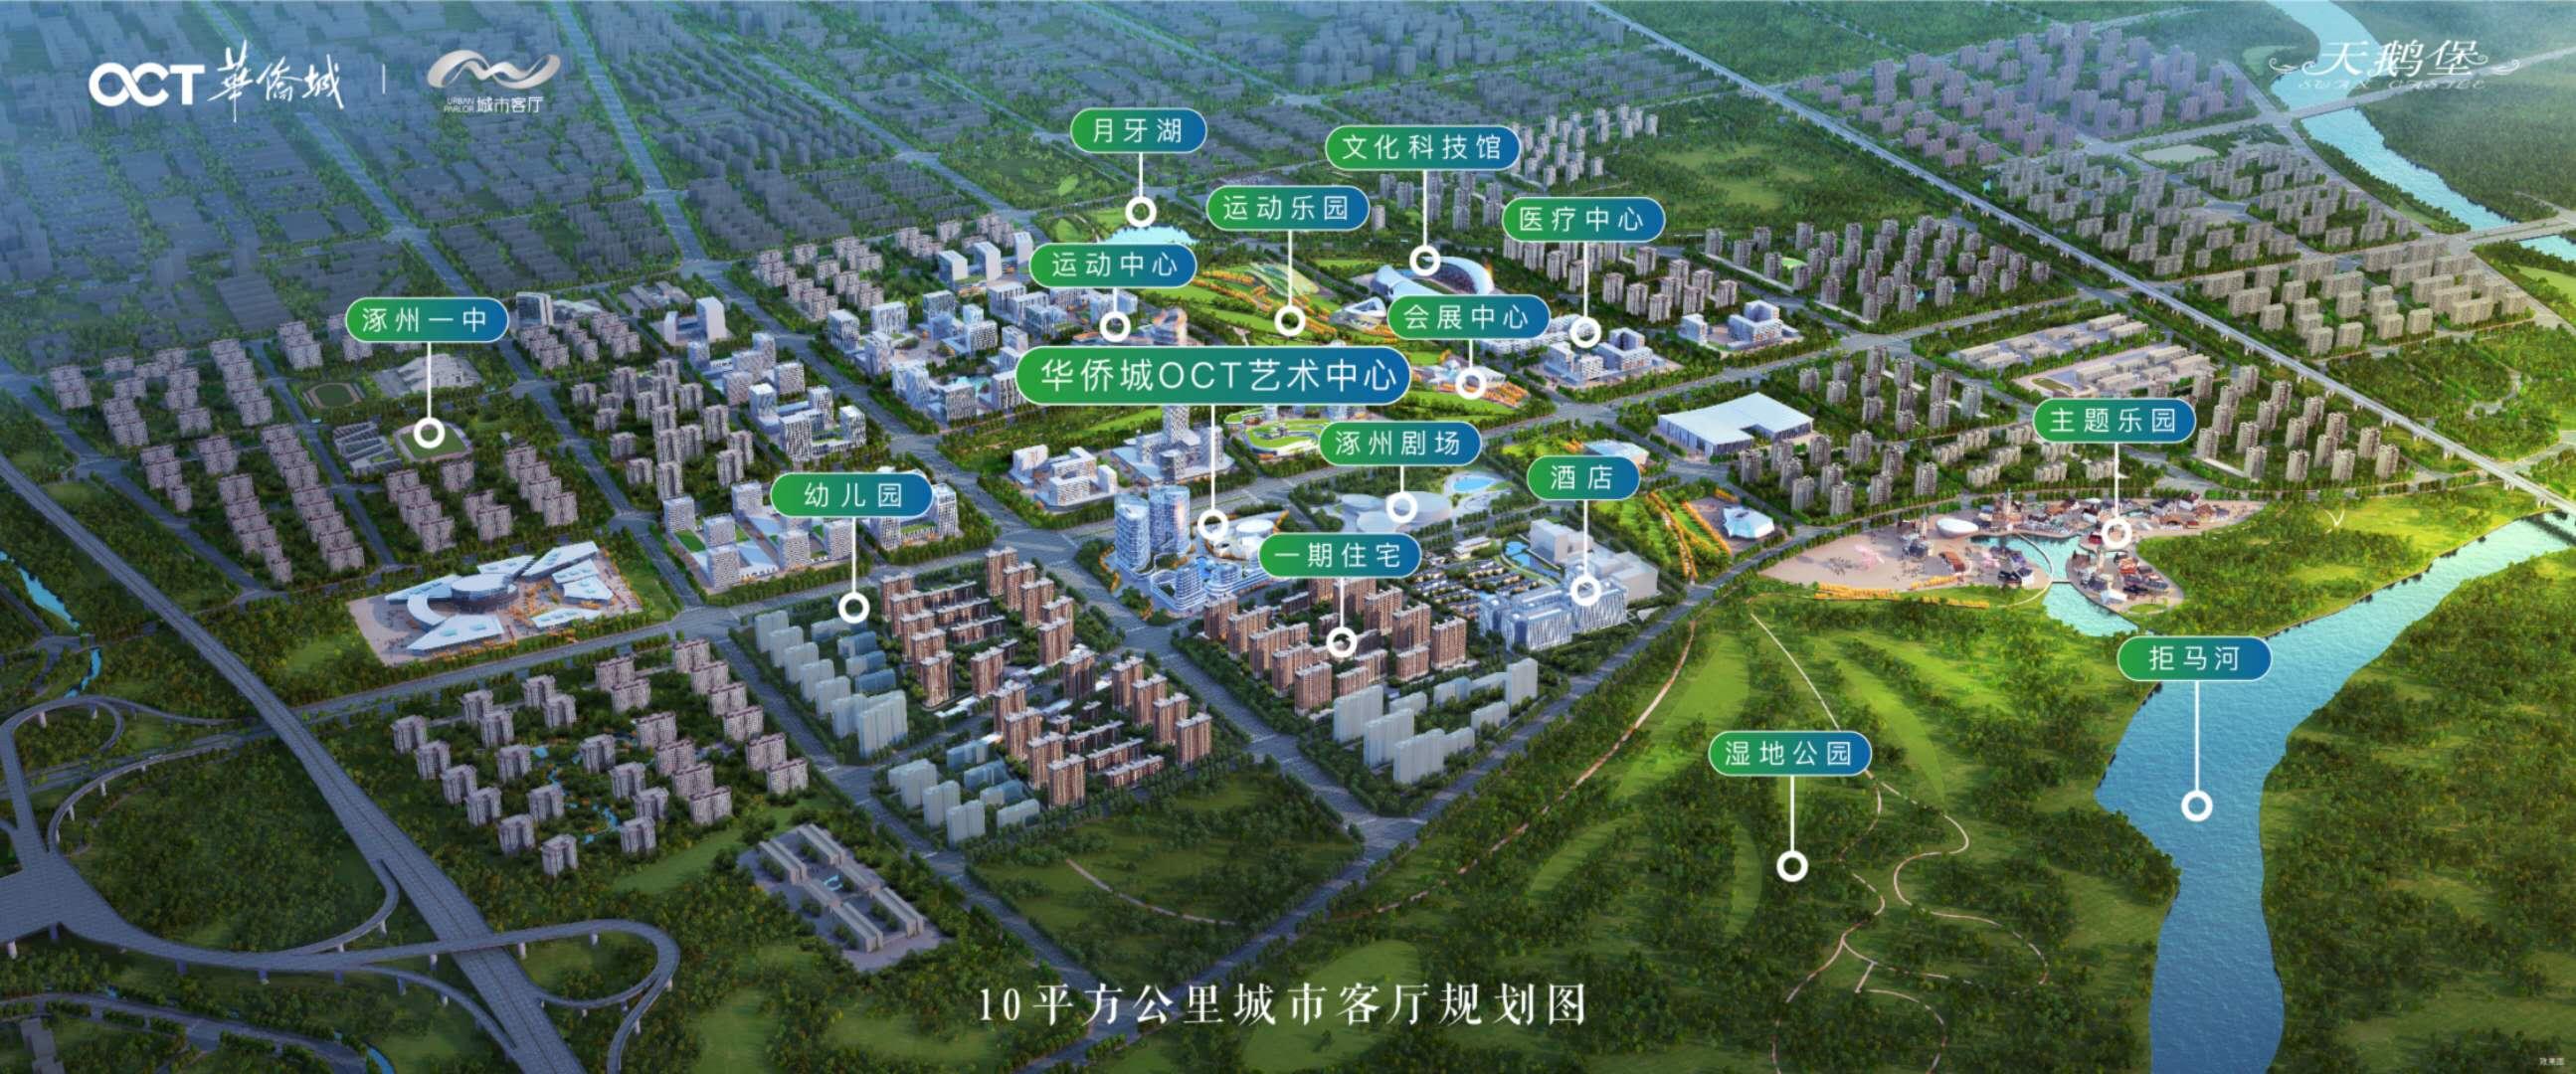 涿州华侨城楼盘鸟瞰图